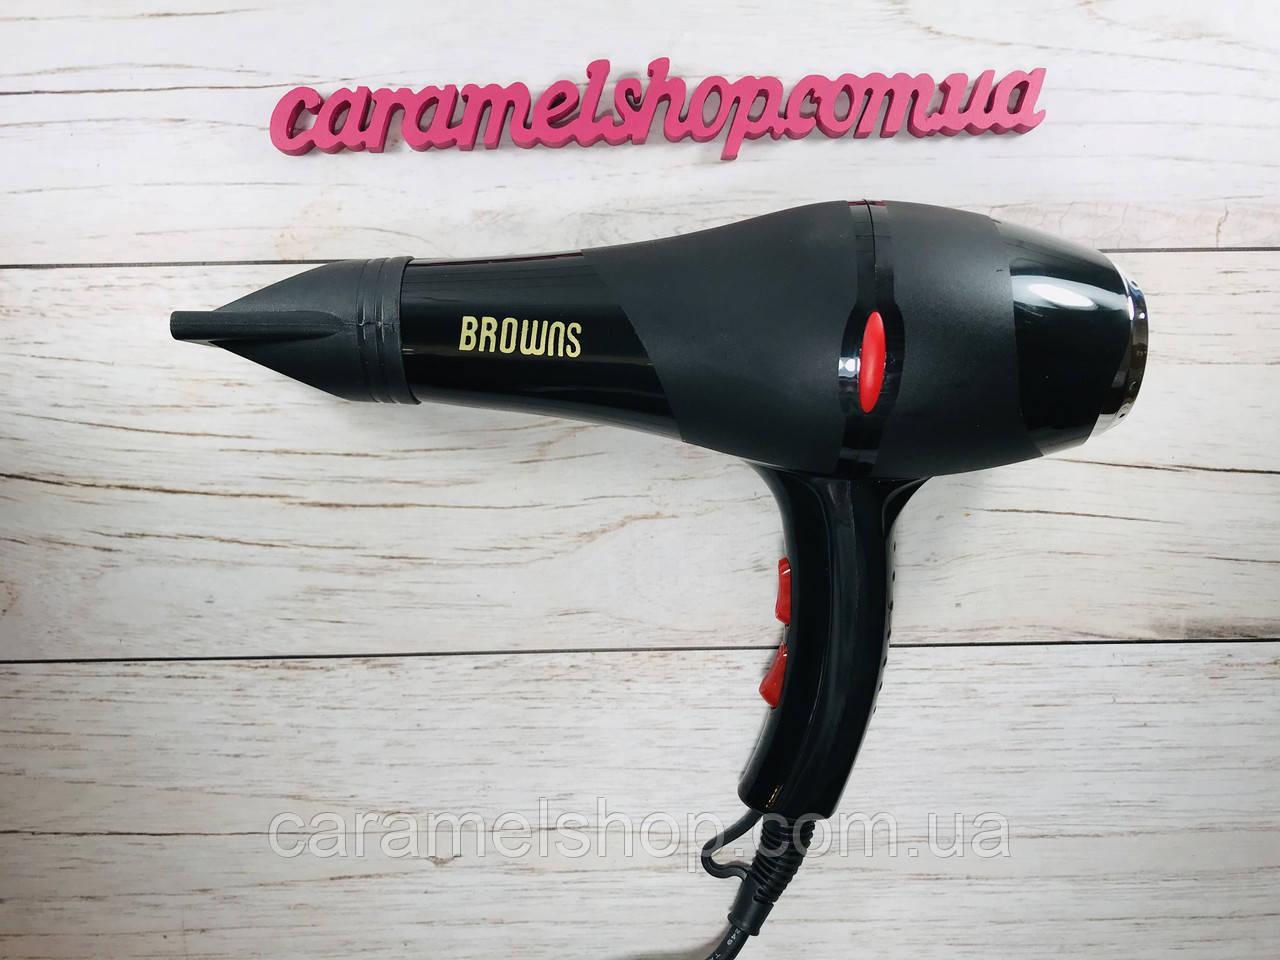 Фен для волос профессиональный Browns с Ионизацией BS-5809 3000 W